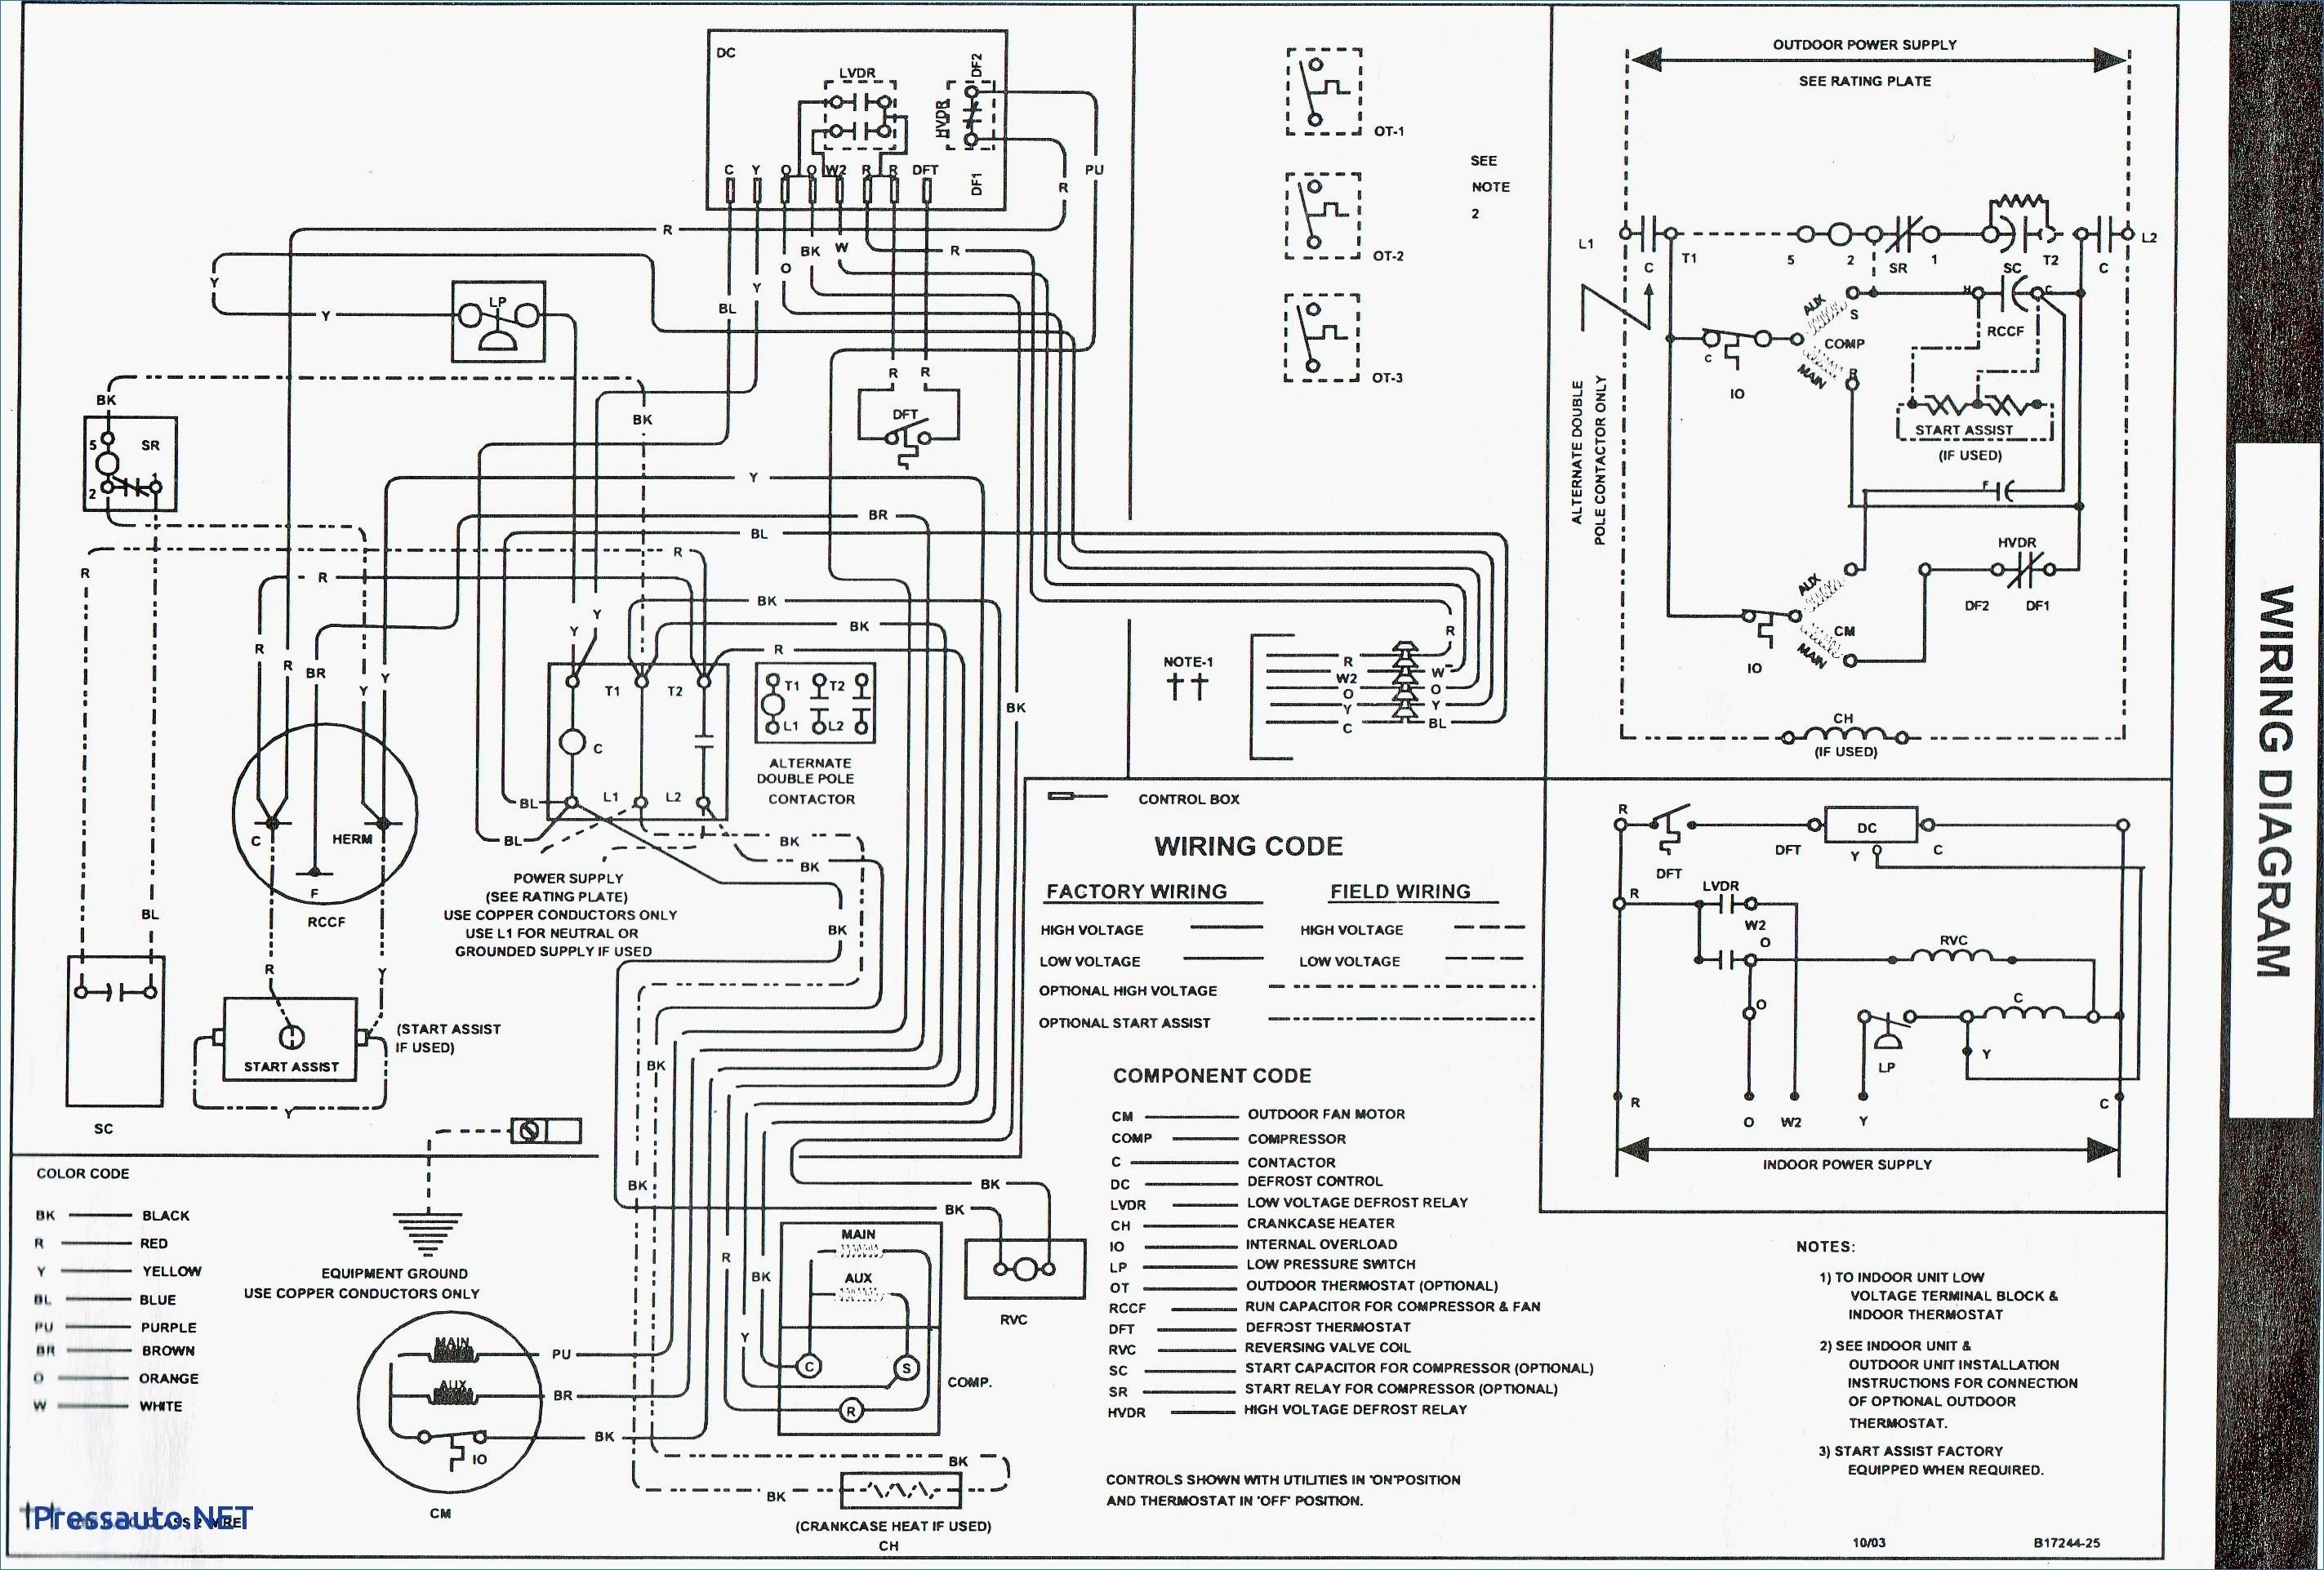 york furnace wiring diagram beetle goodman gas free